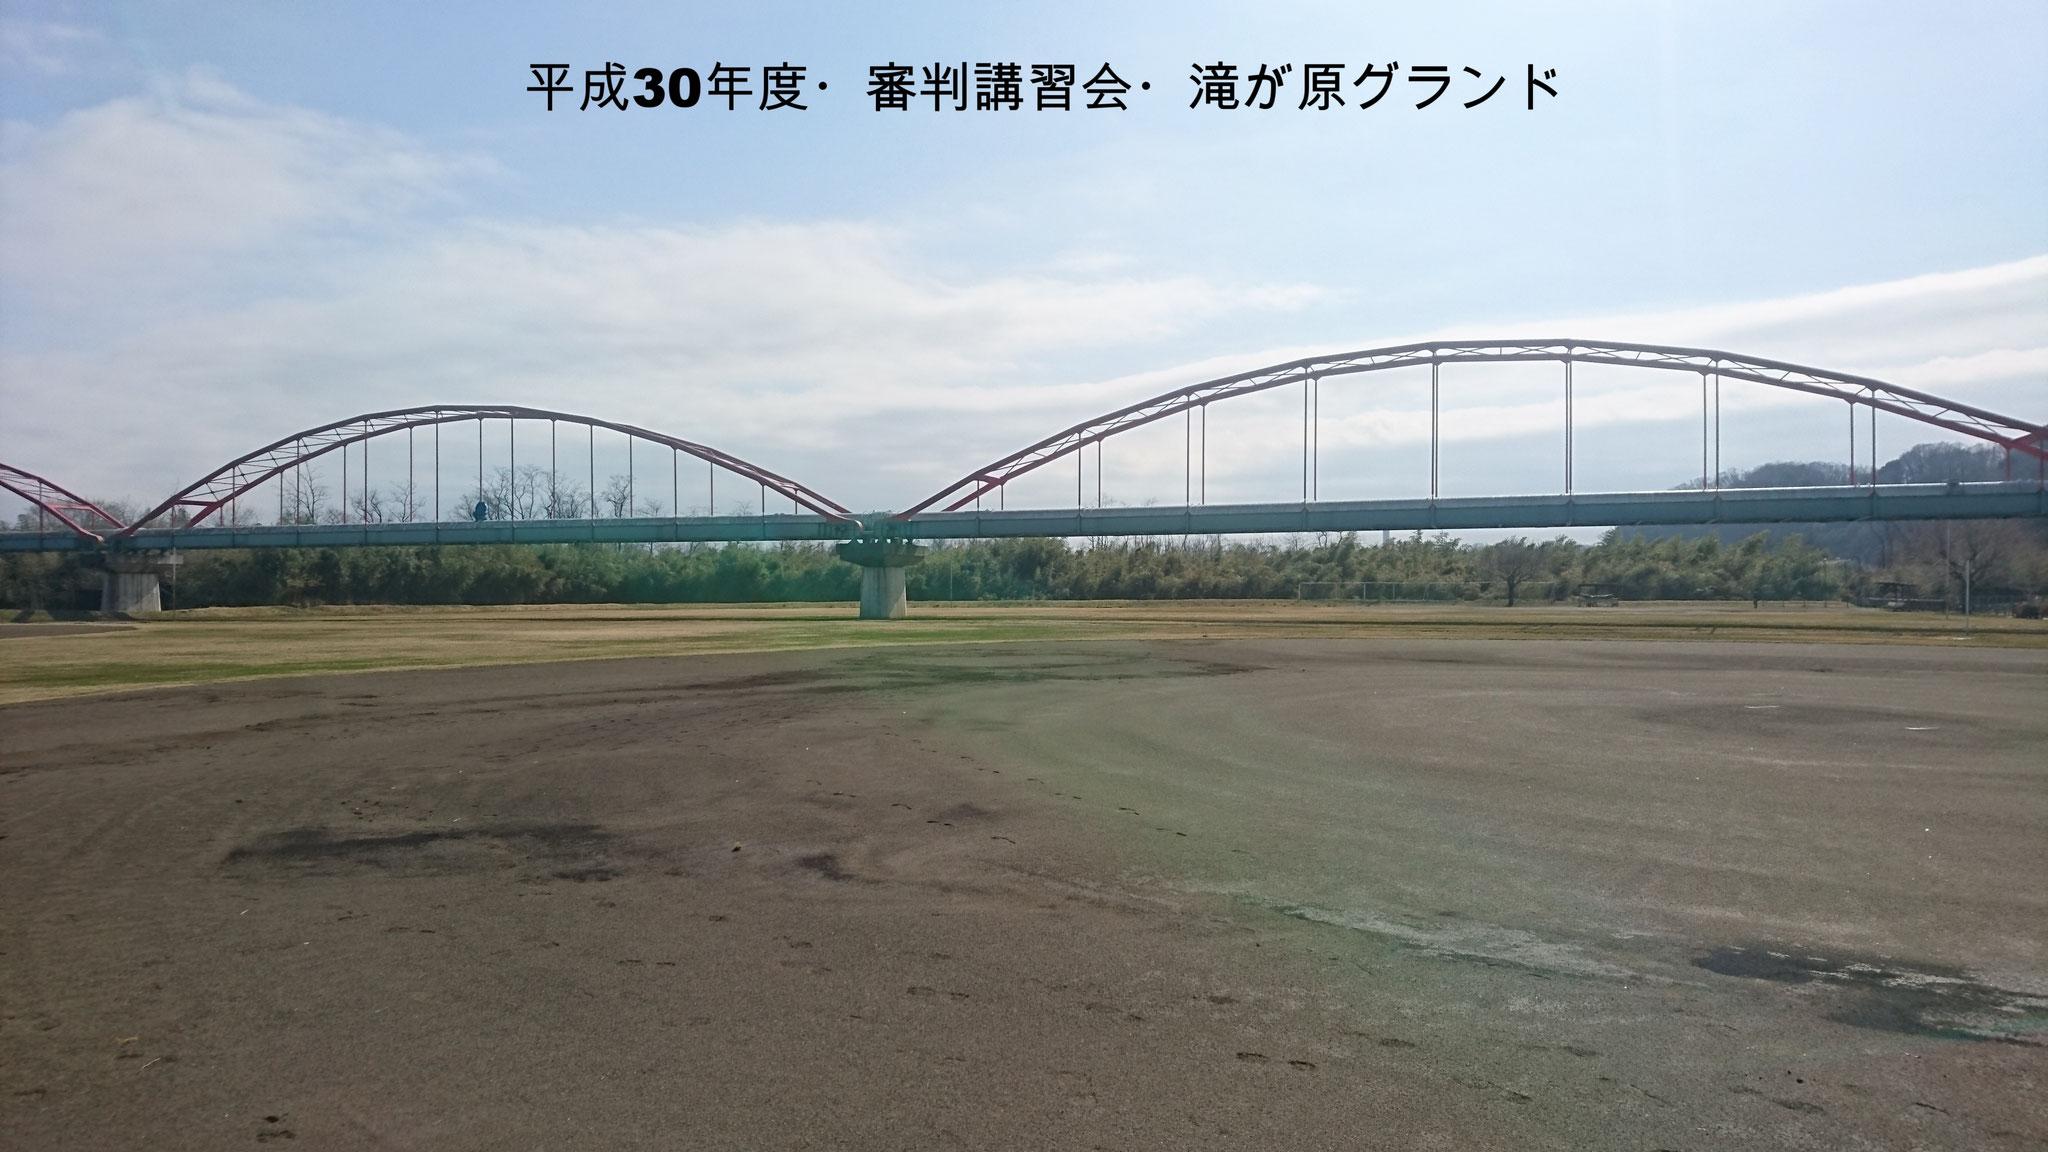 平成30年度・チーム側審判講習会